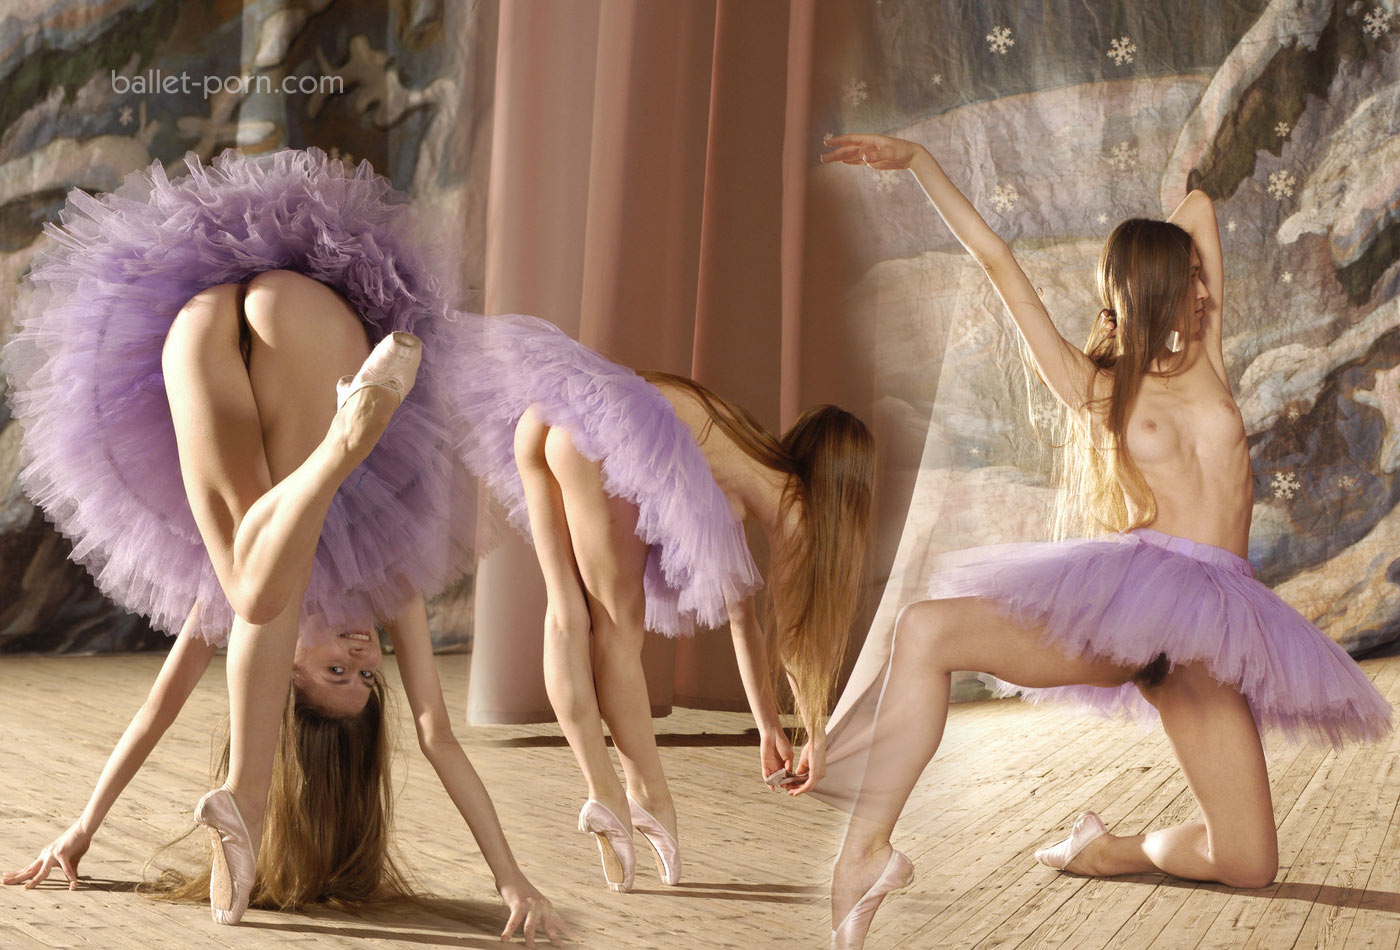 Naked male ballet dancers